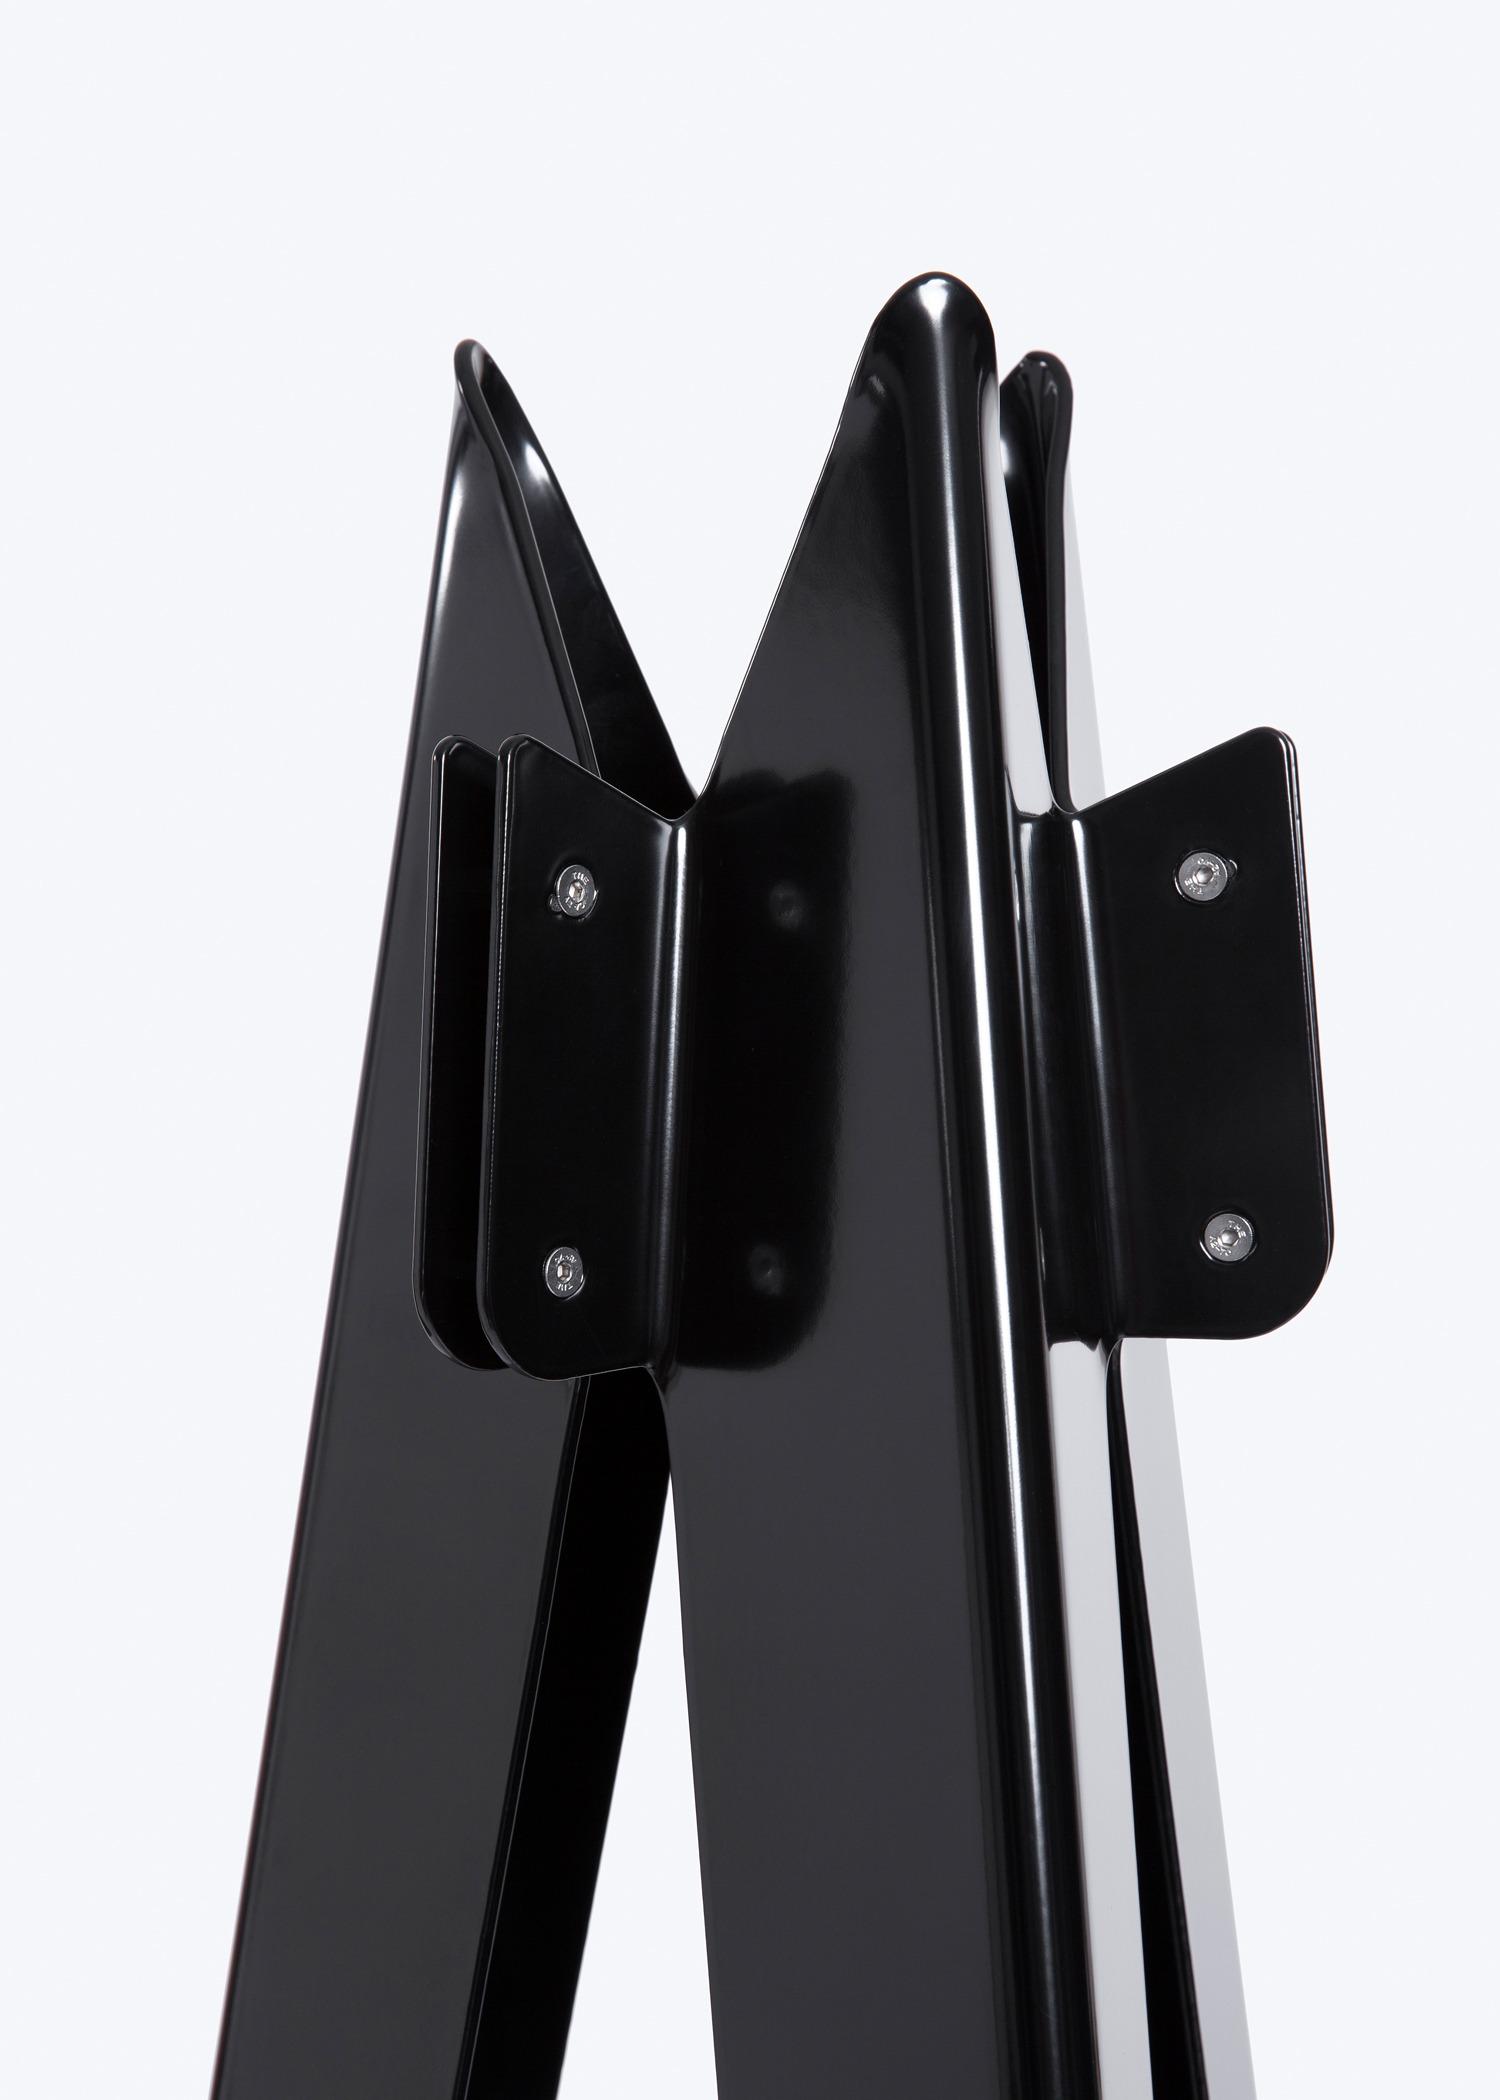 Bas Vellekoop – Tripod – (2) 1500px